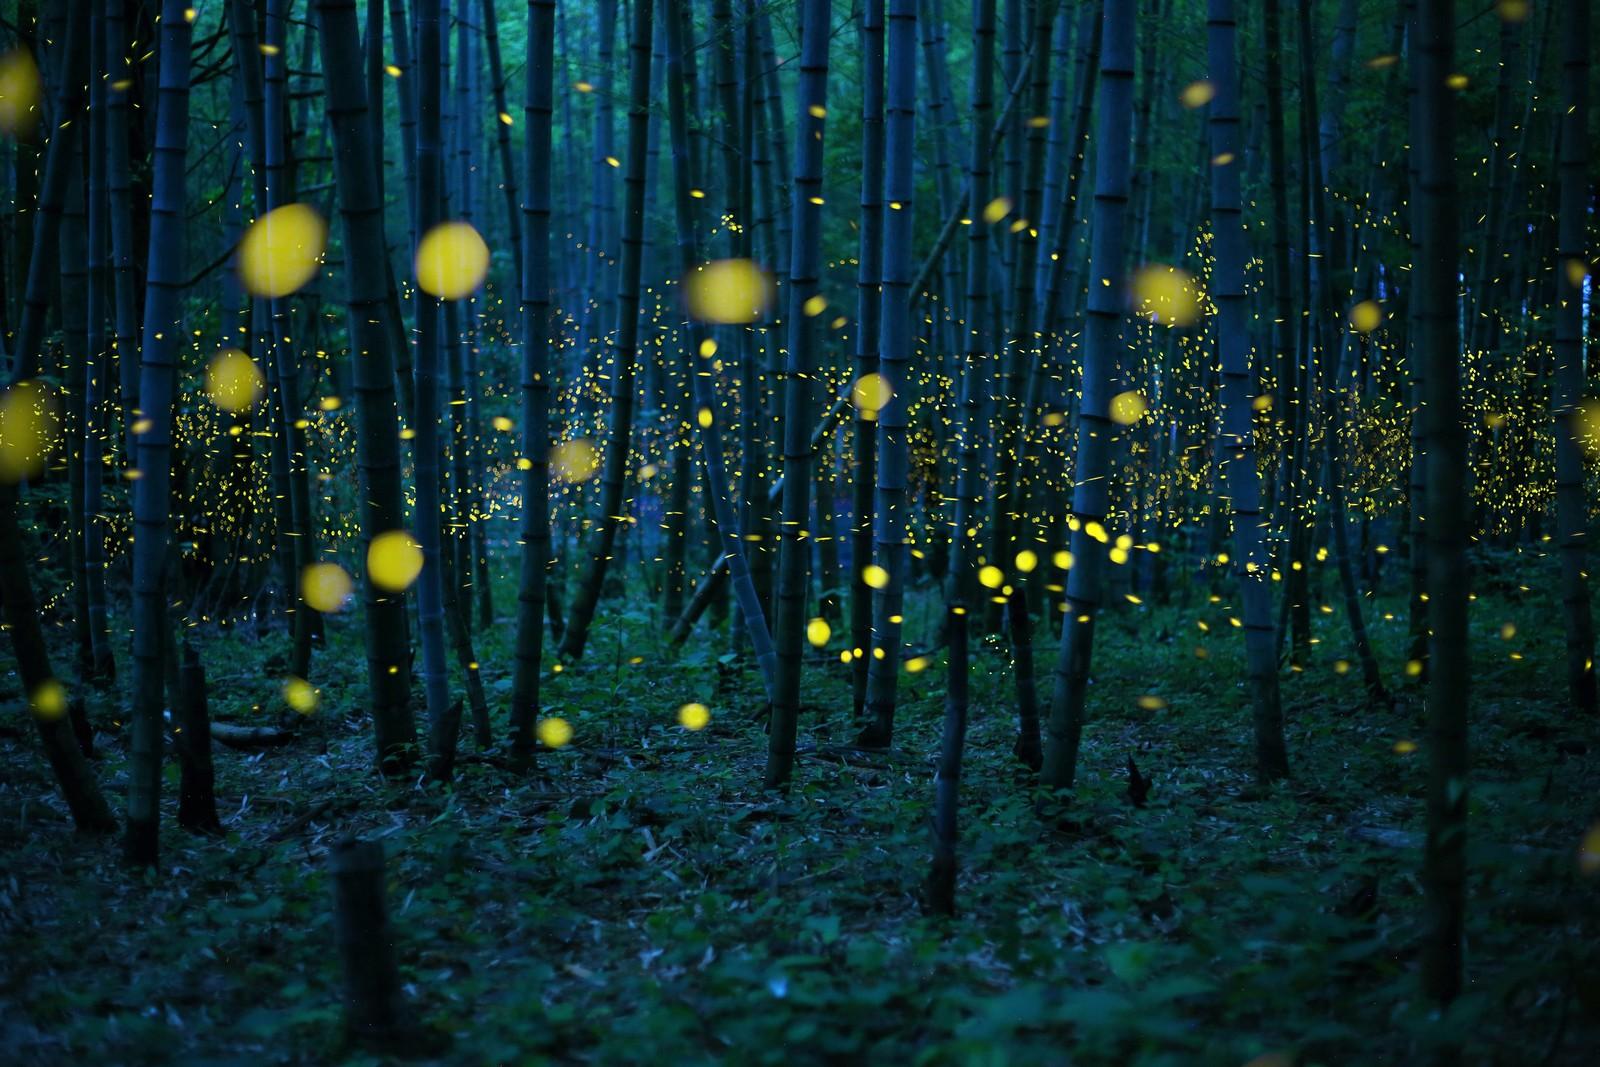 Japanske Kei Nomiyama får utmerkelsen årets fotograf i den åpne klassen. Vinnerbidraget «Enchanted Bamboo Forest» viser ildfluers dans i en japansk bambusskog.